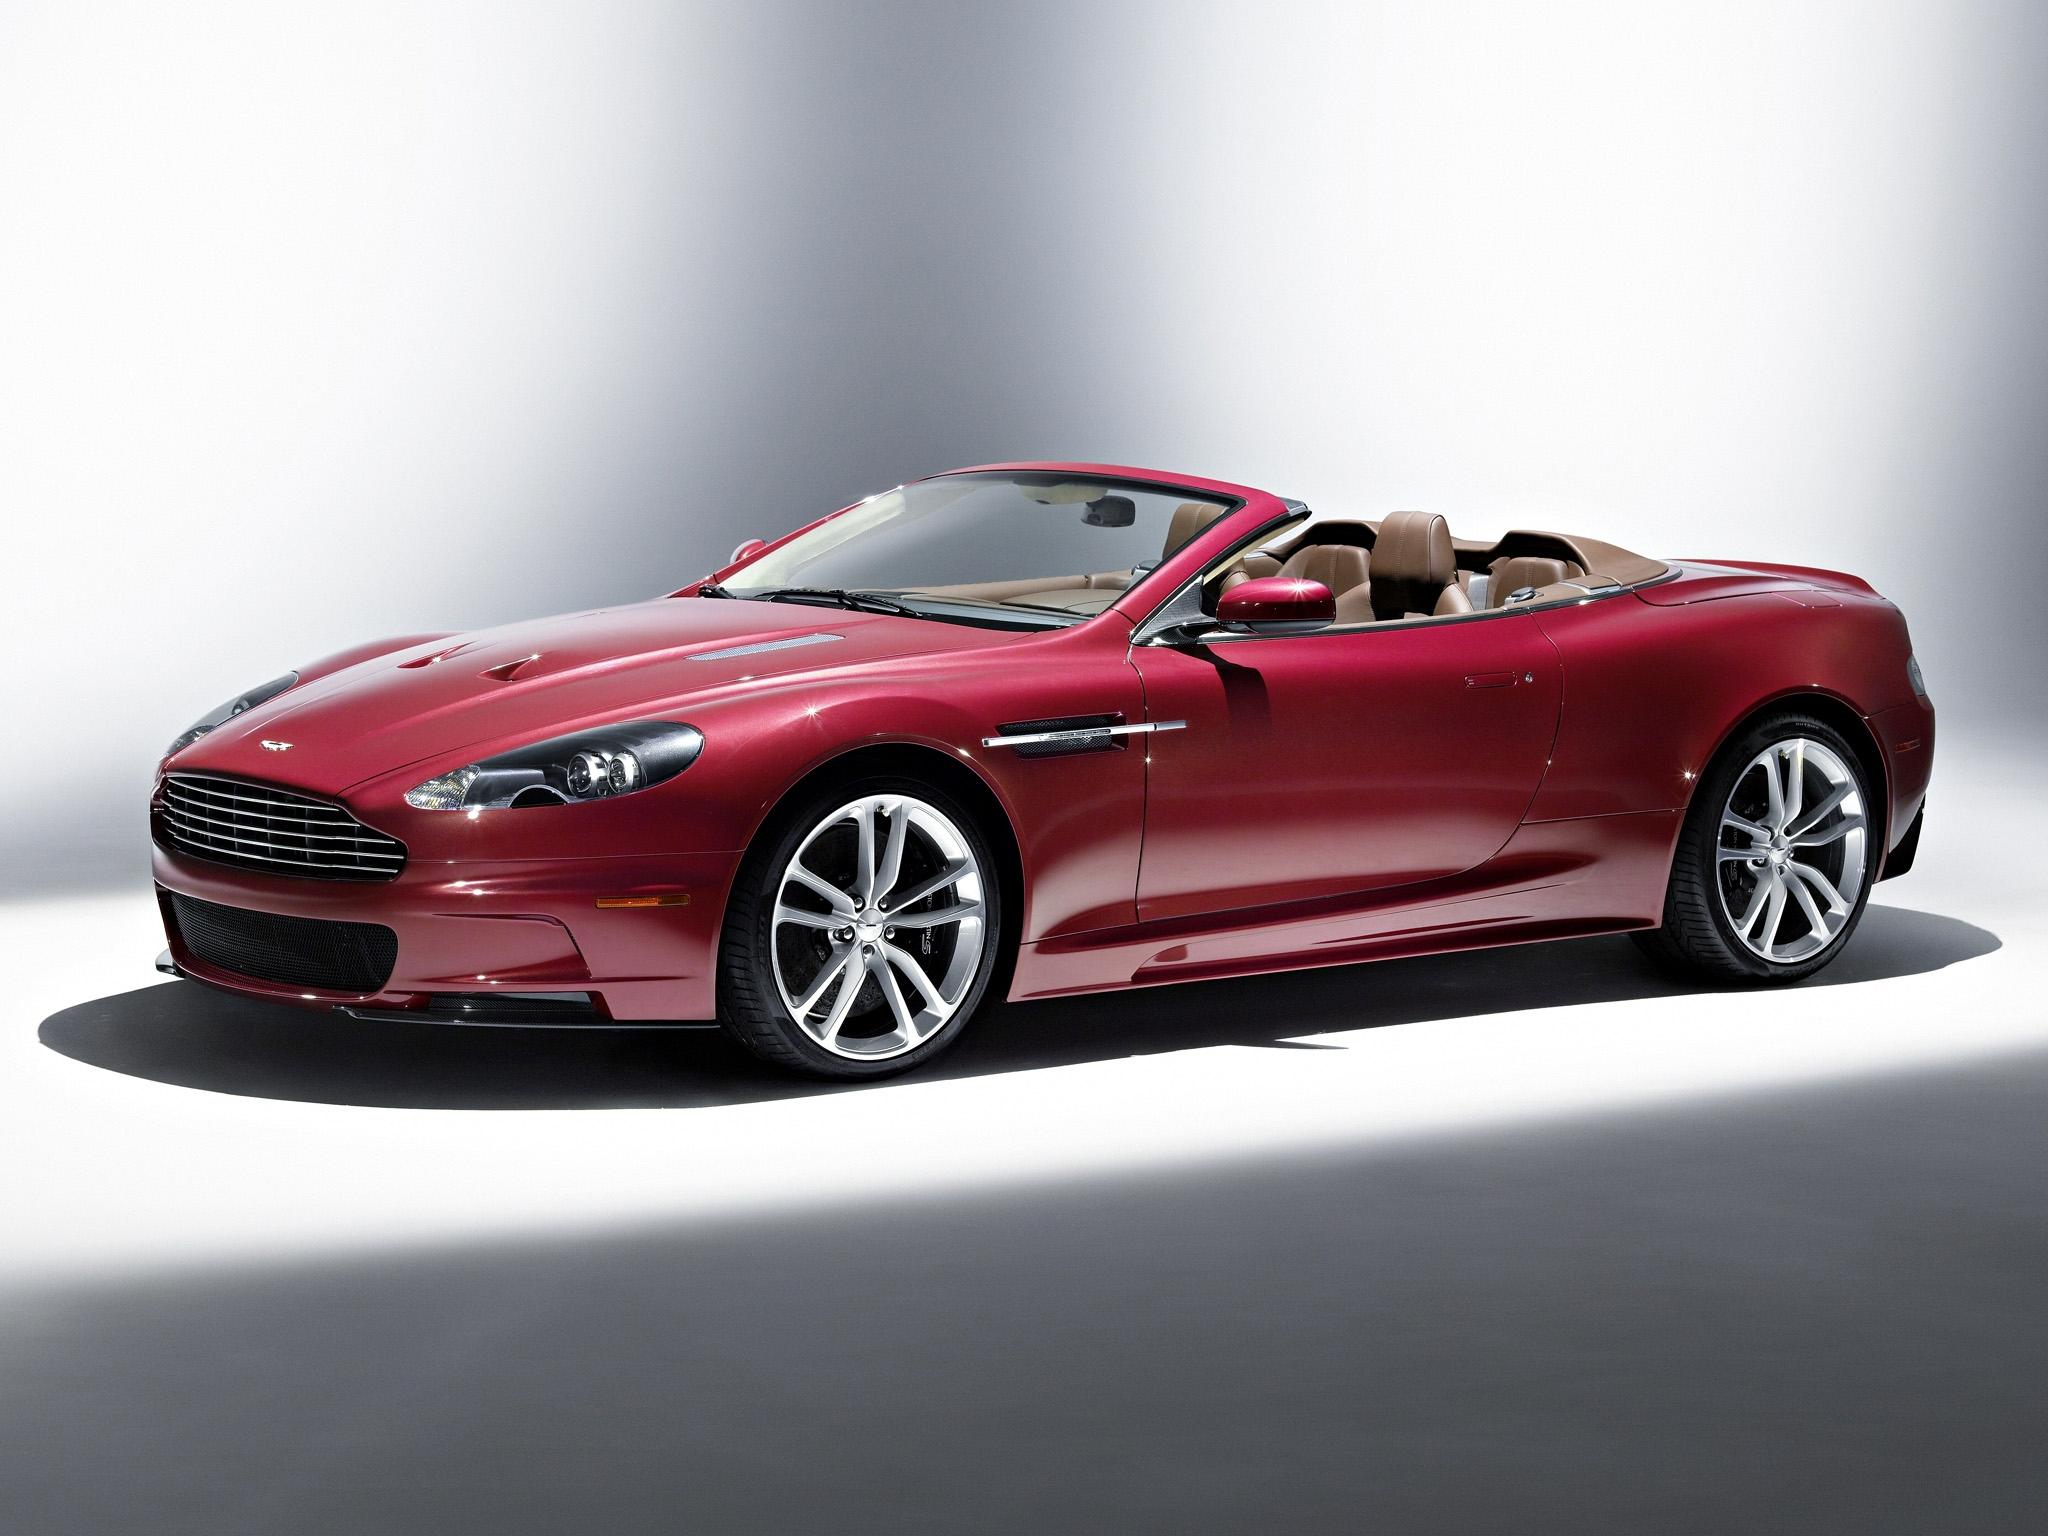 120534 скачать обои Машины, Астон Мартин (Aston Martin), Тачки (Cars), Вид Сбоку, Стиль, Dbs, 2009, Темно-Алый - заставки и картинки бесплатно